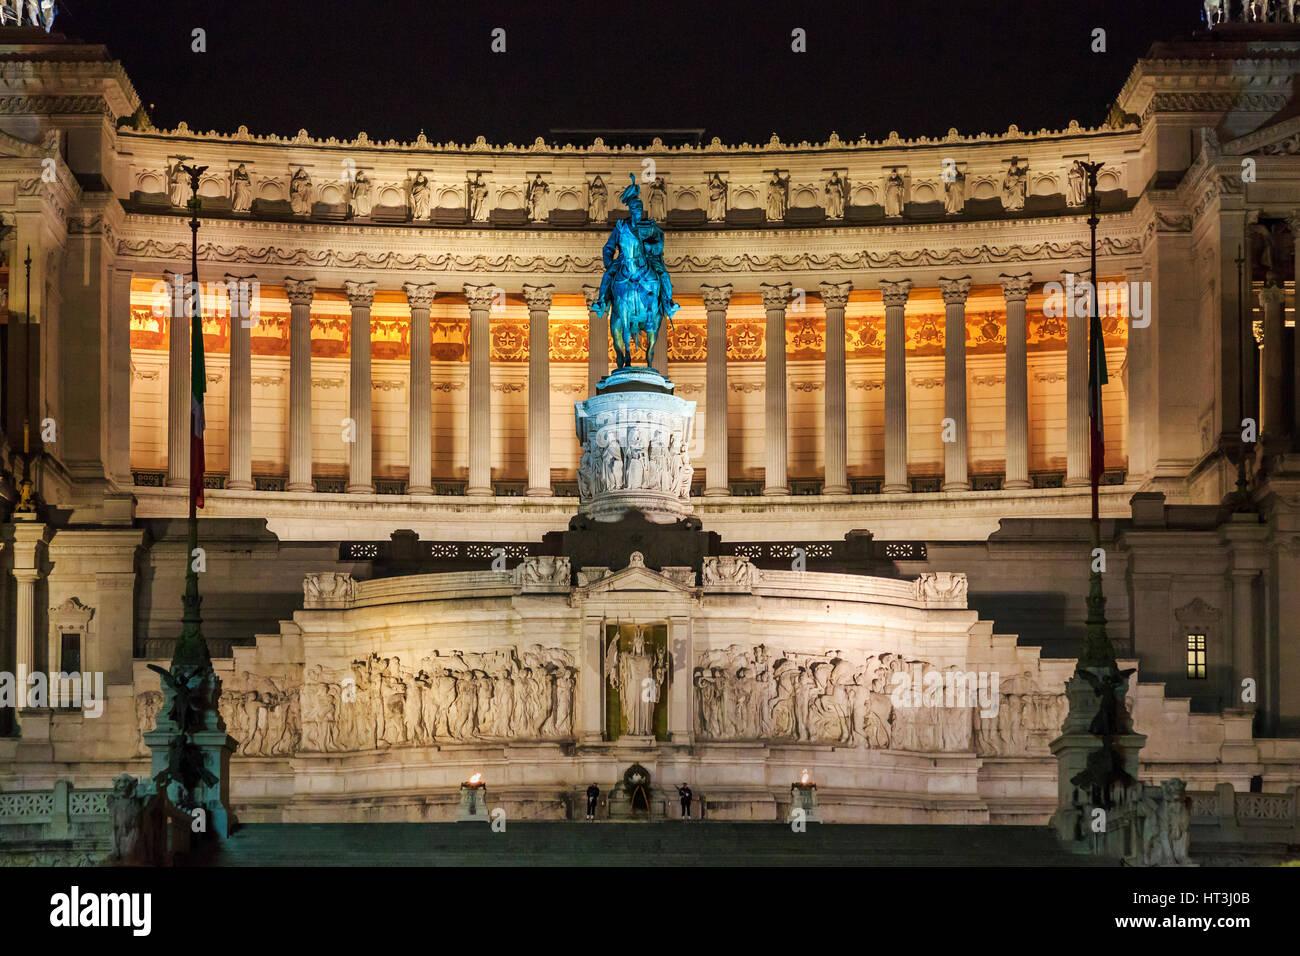 Monumento di Vittorio Emanuele, via Teatro Marcello, Rome, Italy - Stock Image